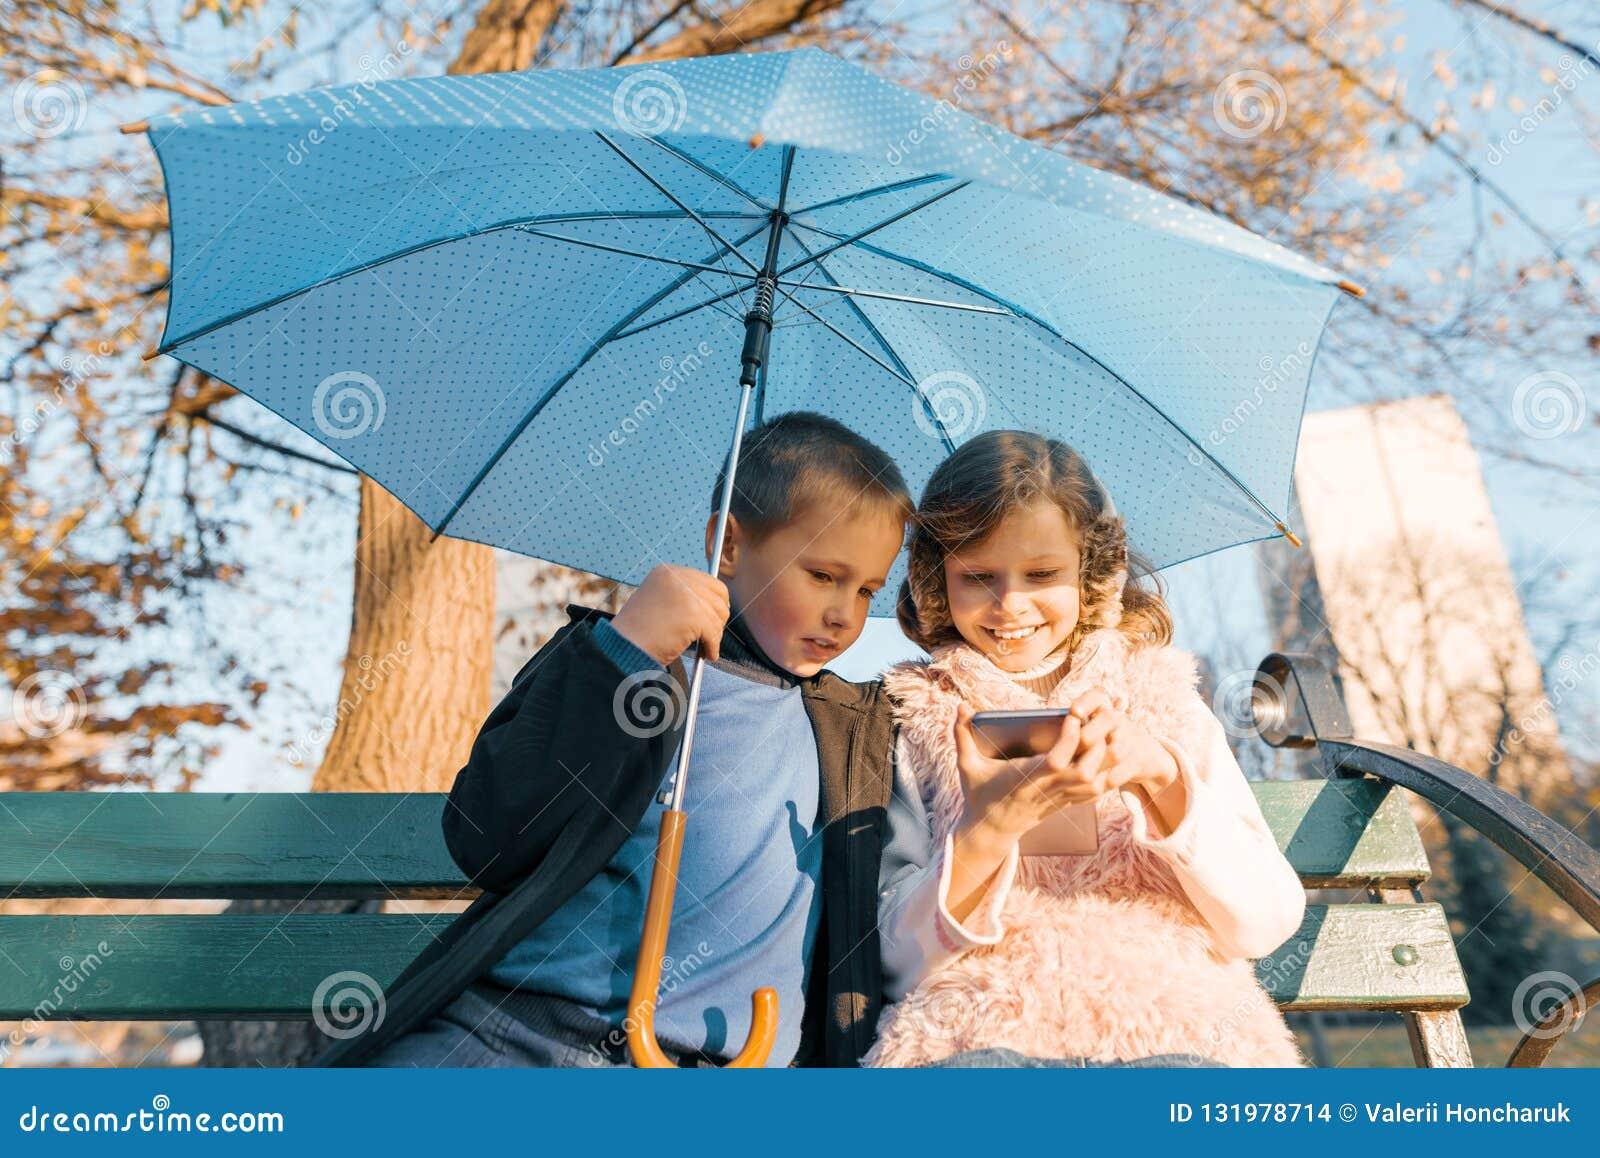 Un ritratto all aperto di due bambini sorridenti del ragazzo e della ragazza, sedentesi sotto un ombrello sul banco nel parco, es